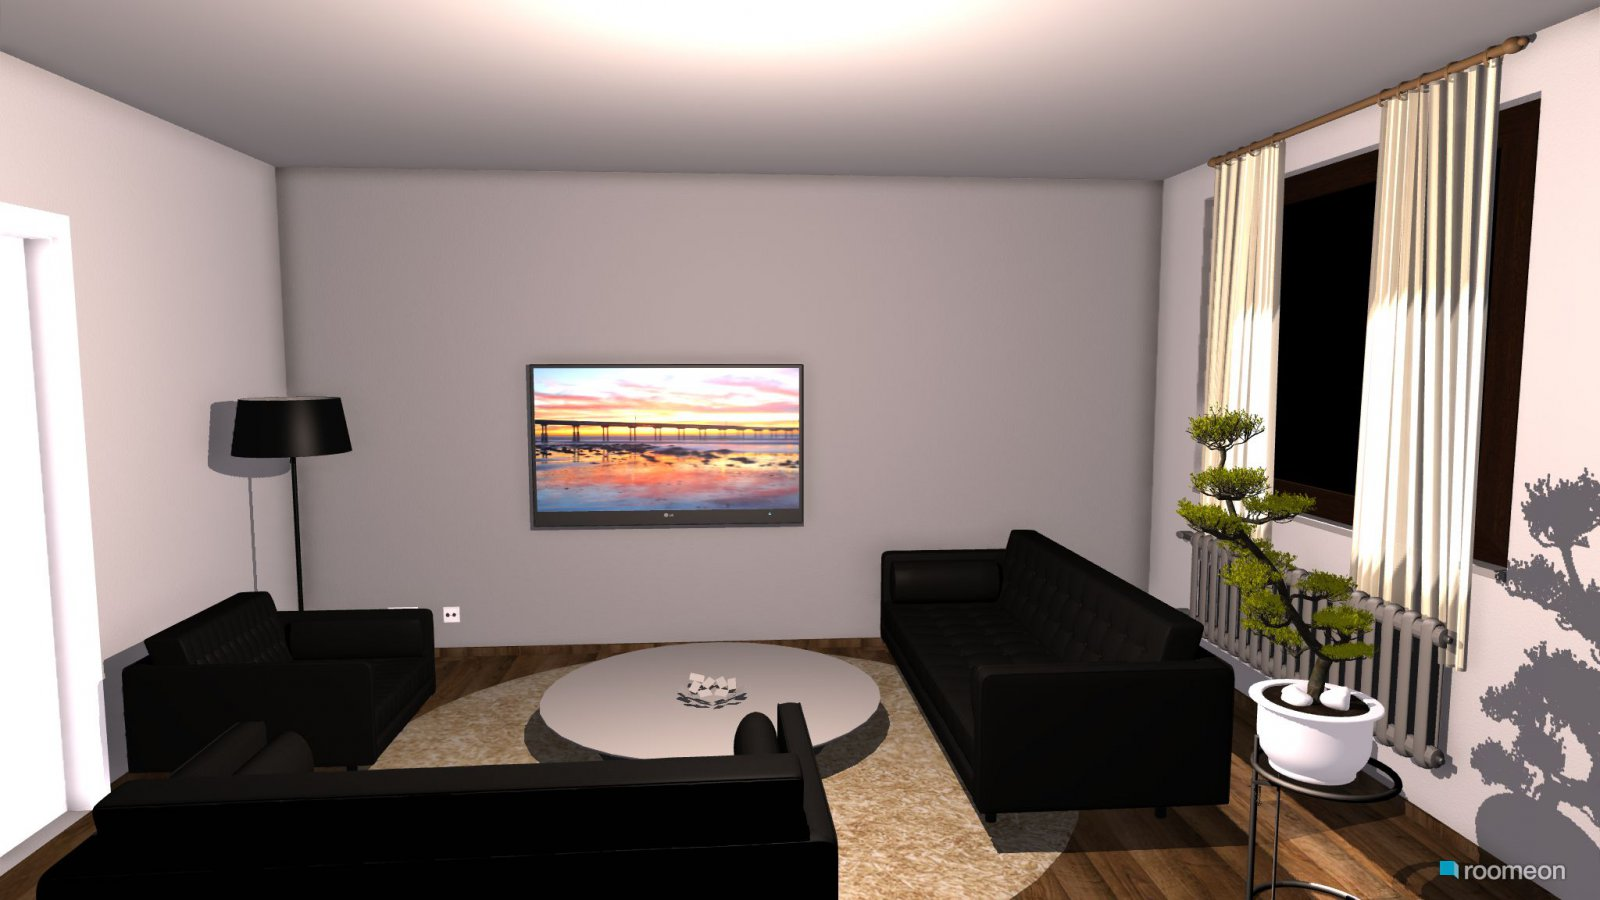 strukturwand wohnzimmer ~ myhausdesign.co, Wohnzimmer